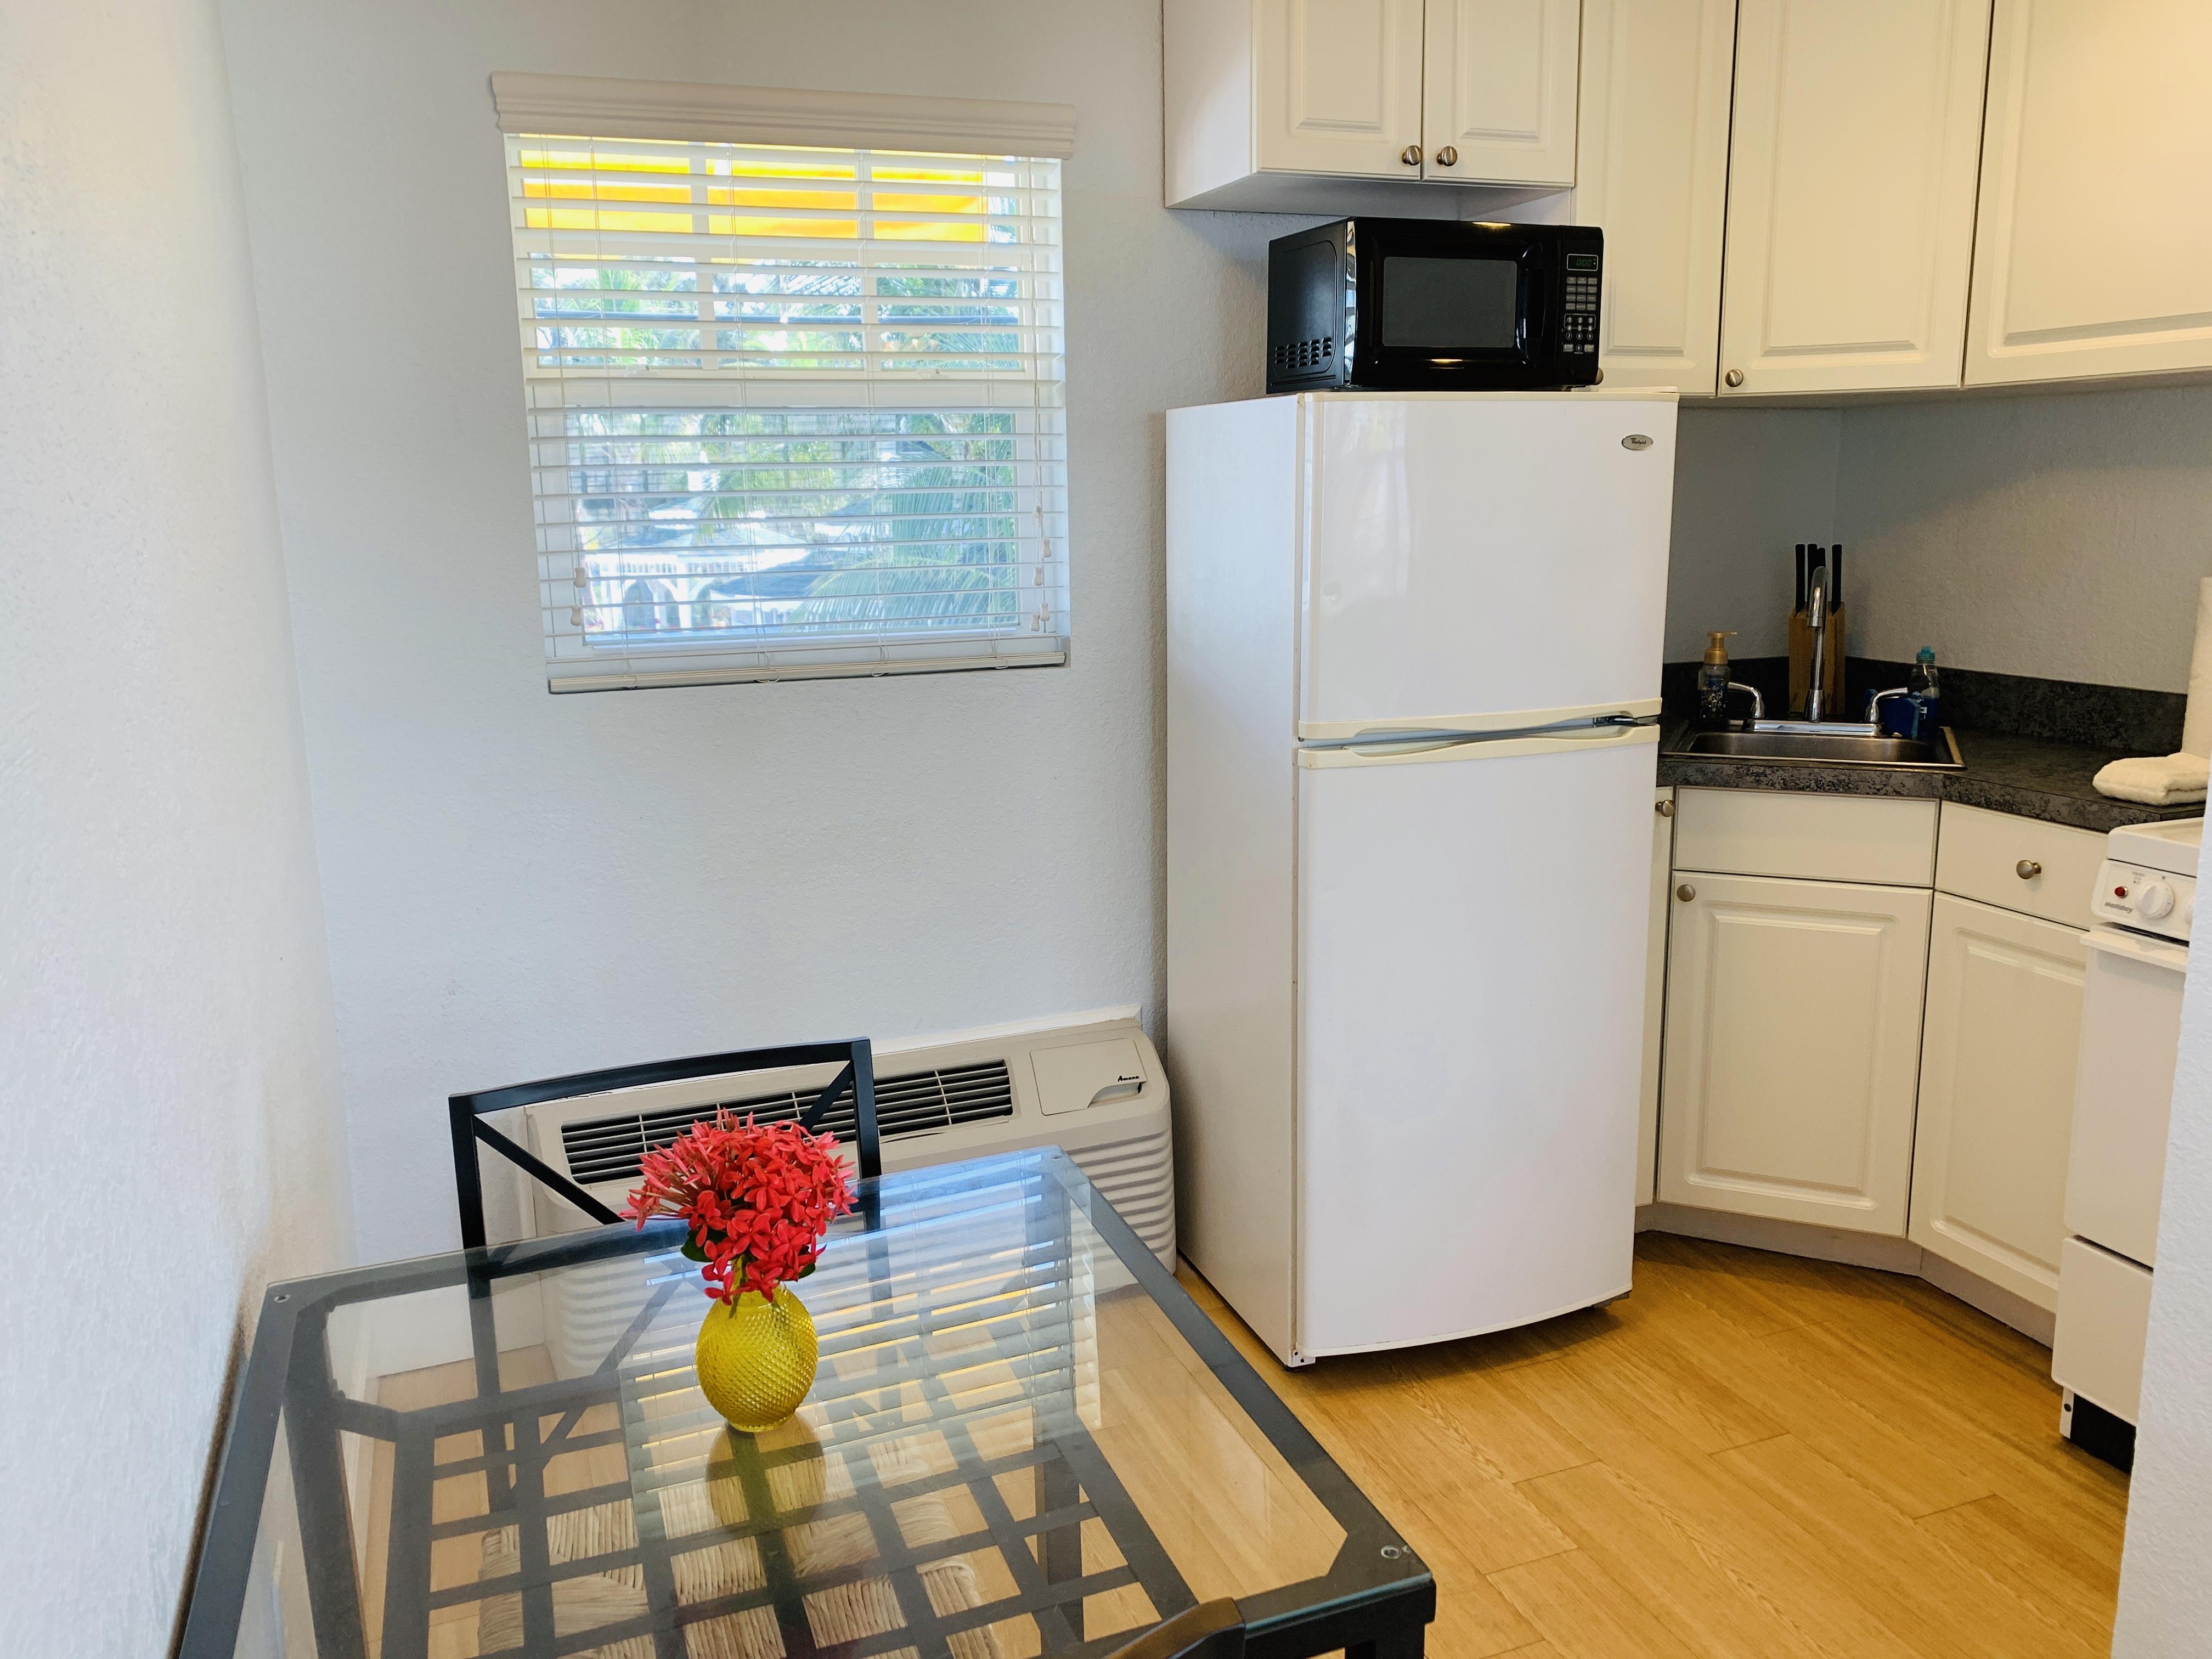 Unit 9 Studio Kitchen